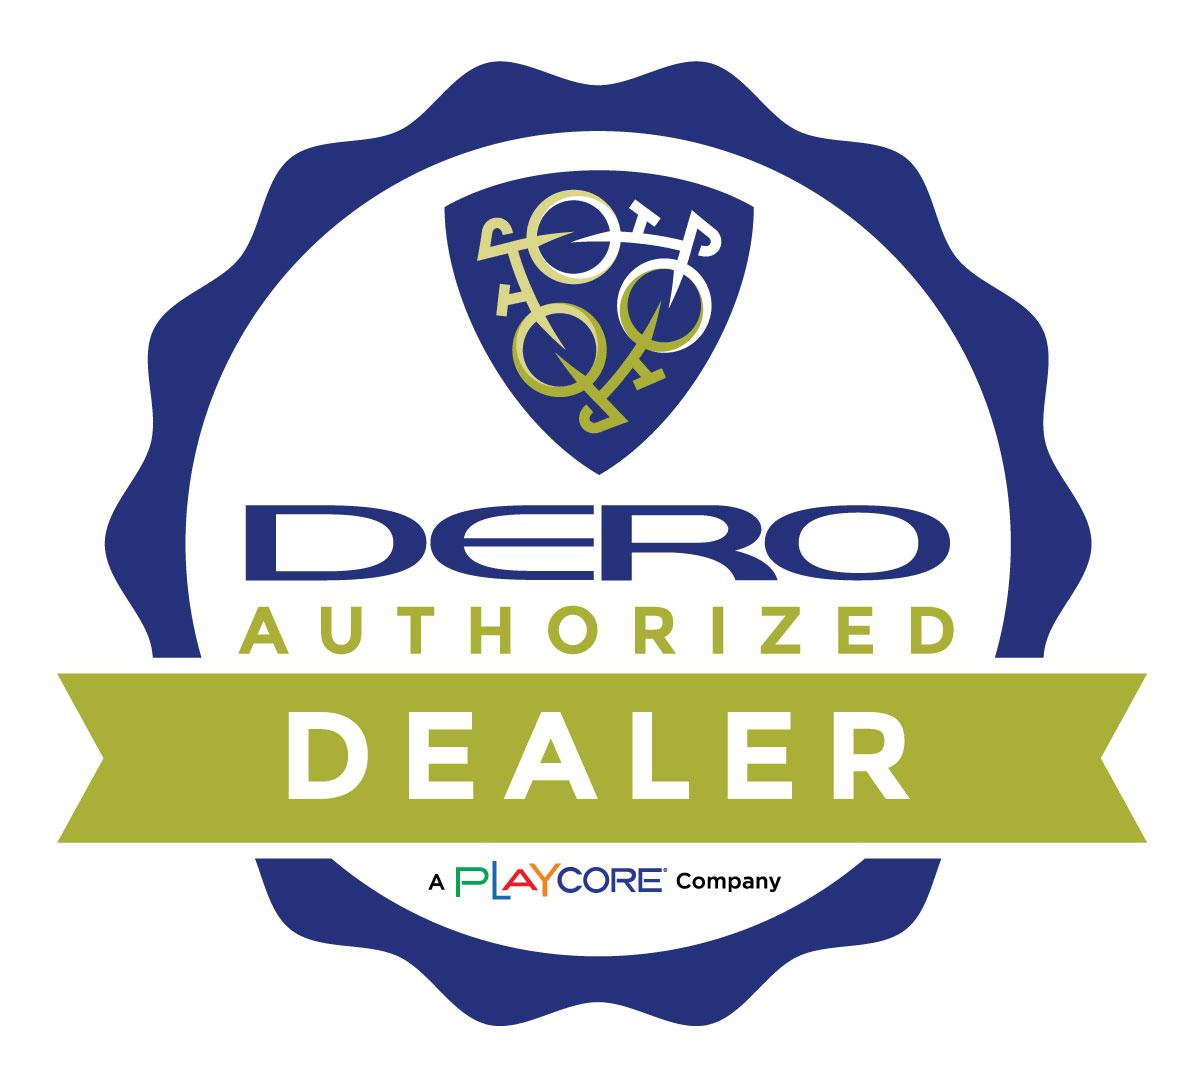 dealer-badge.jpg